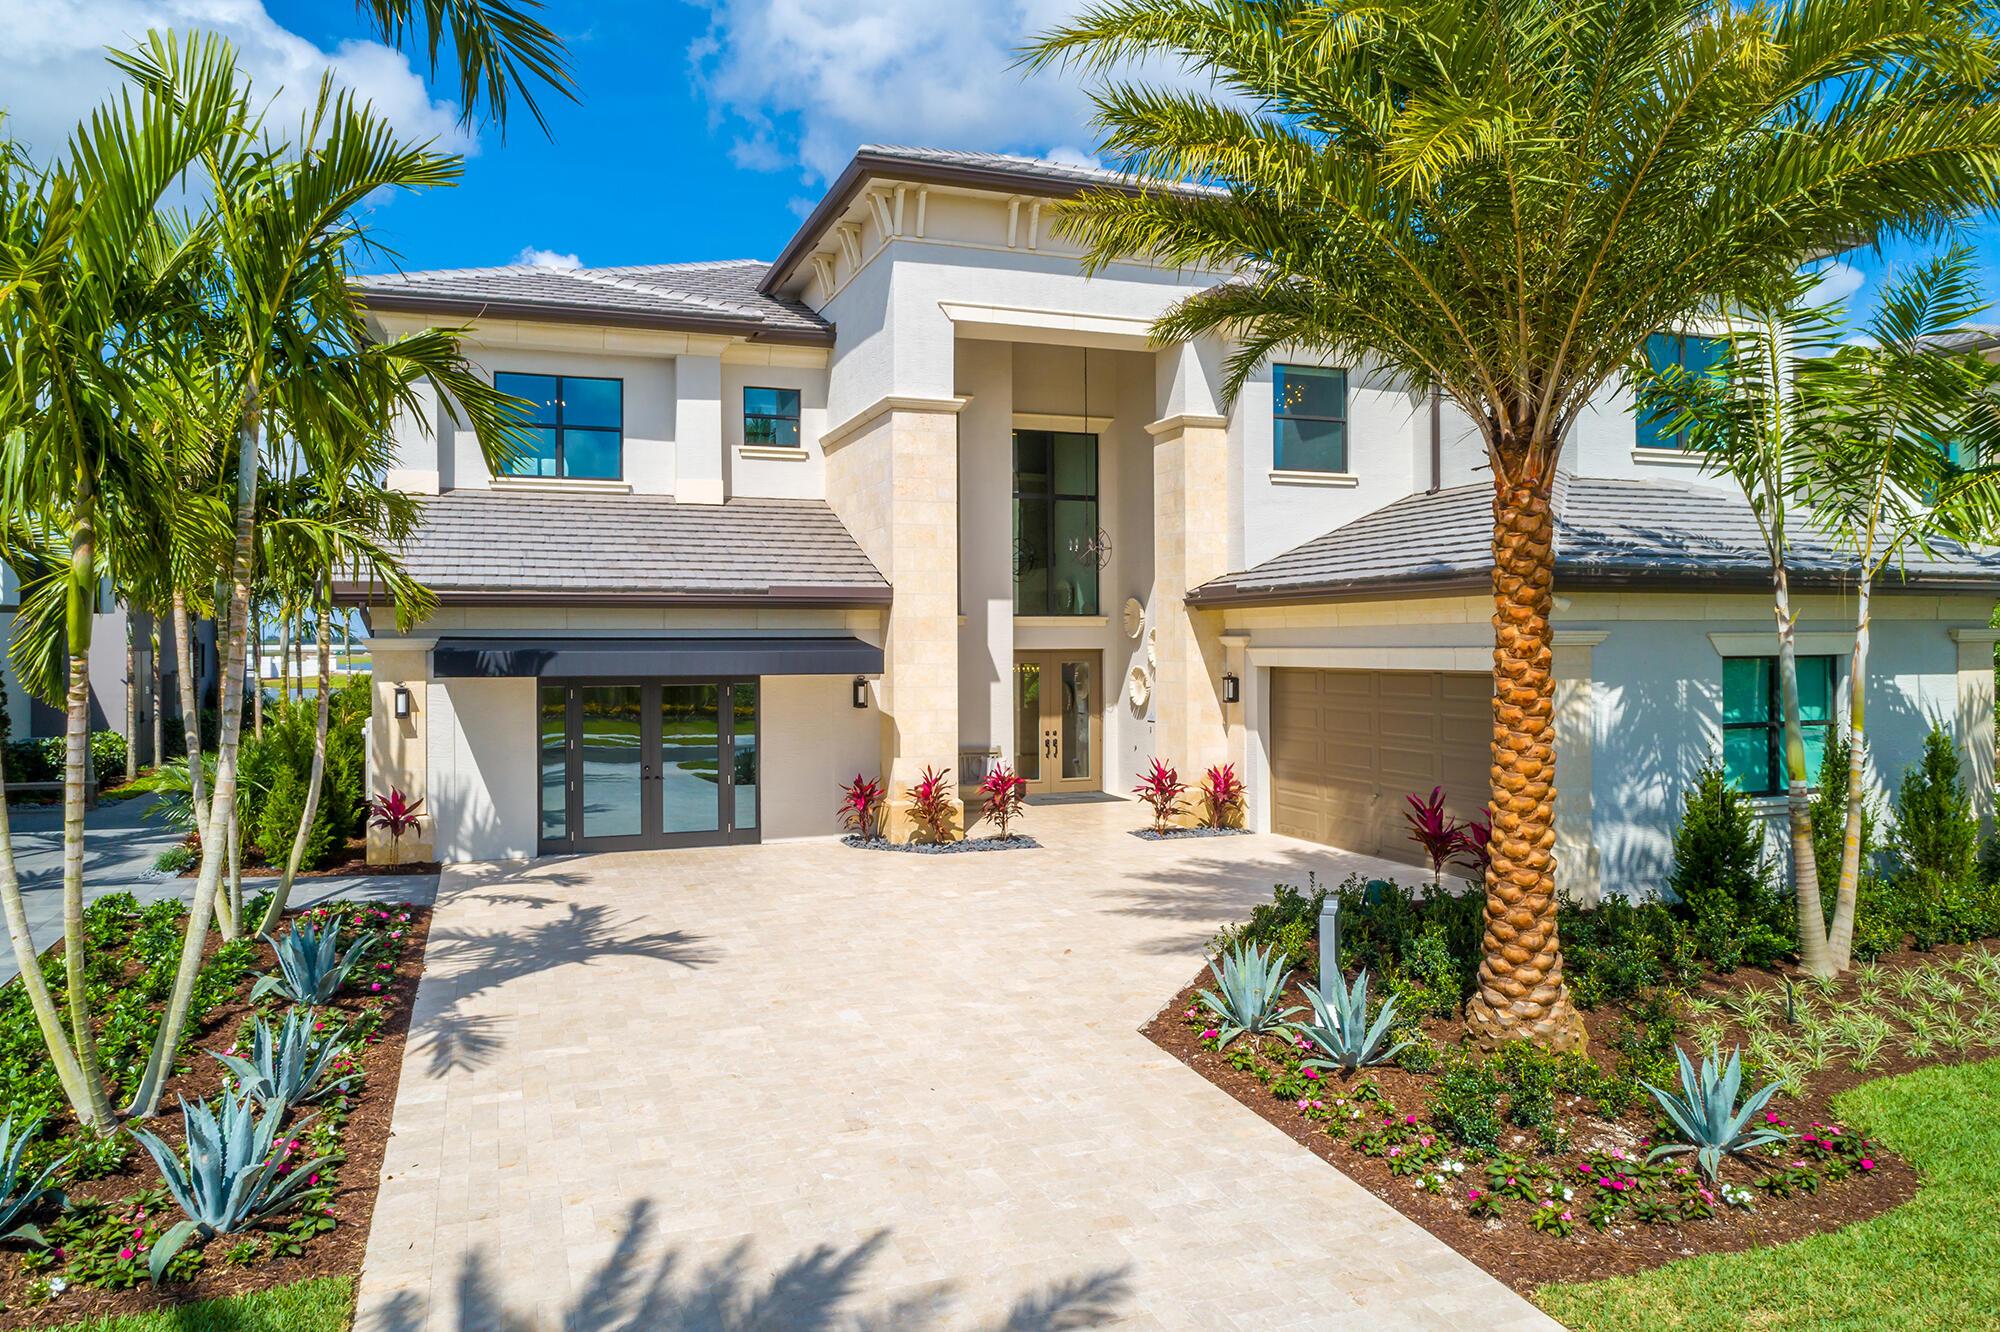 17167 Ludovica Lane Boca Raton, FL 33496